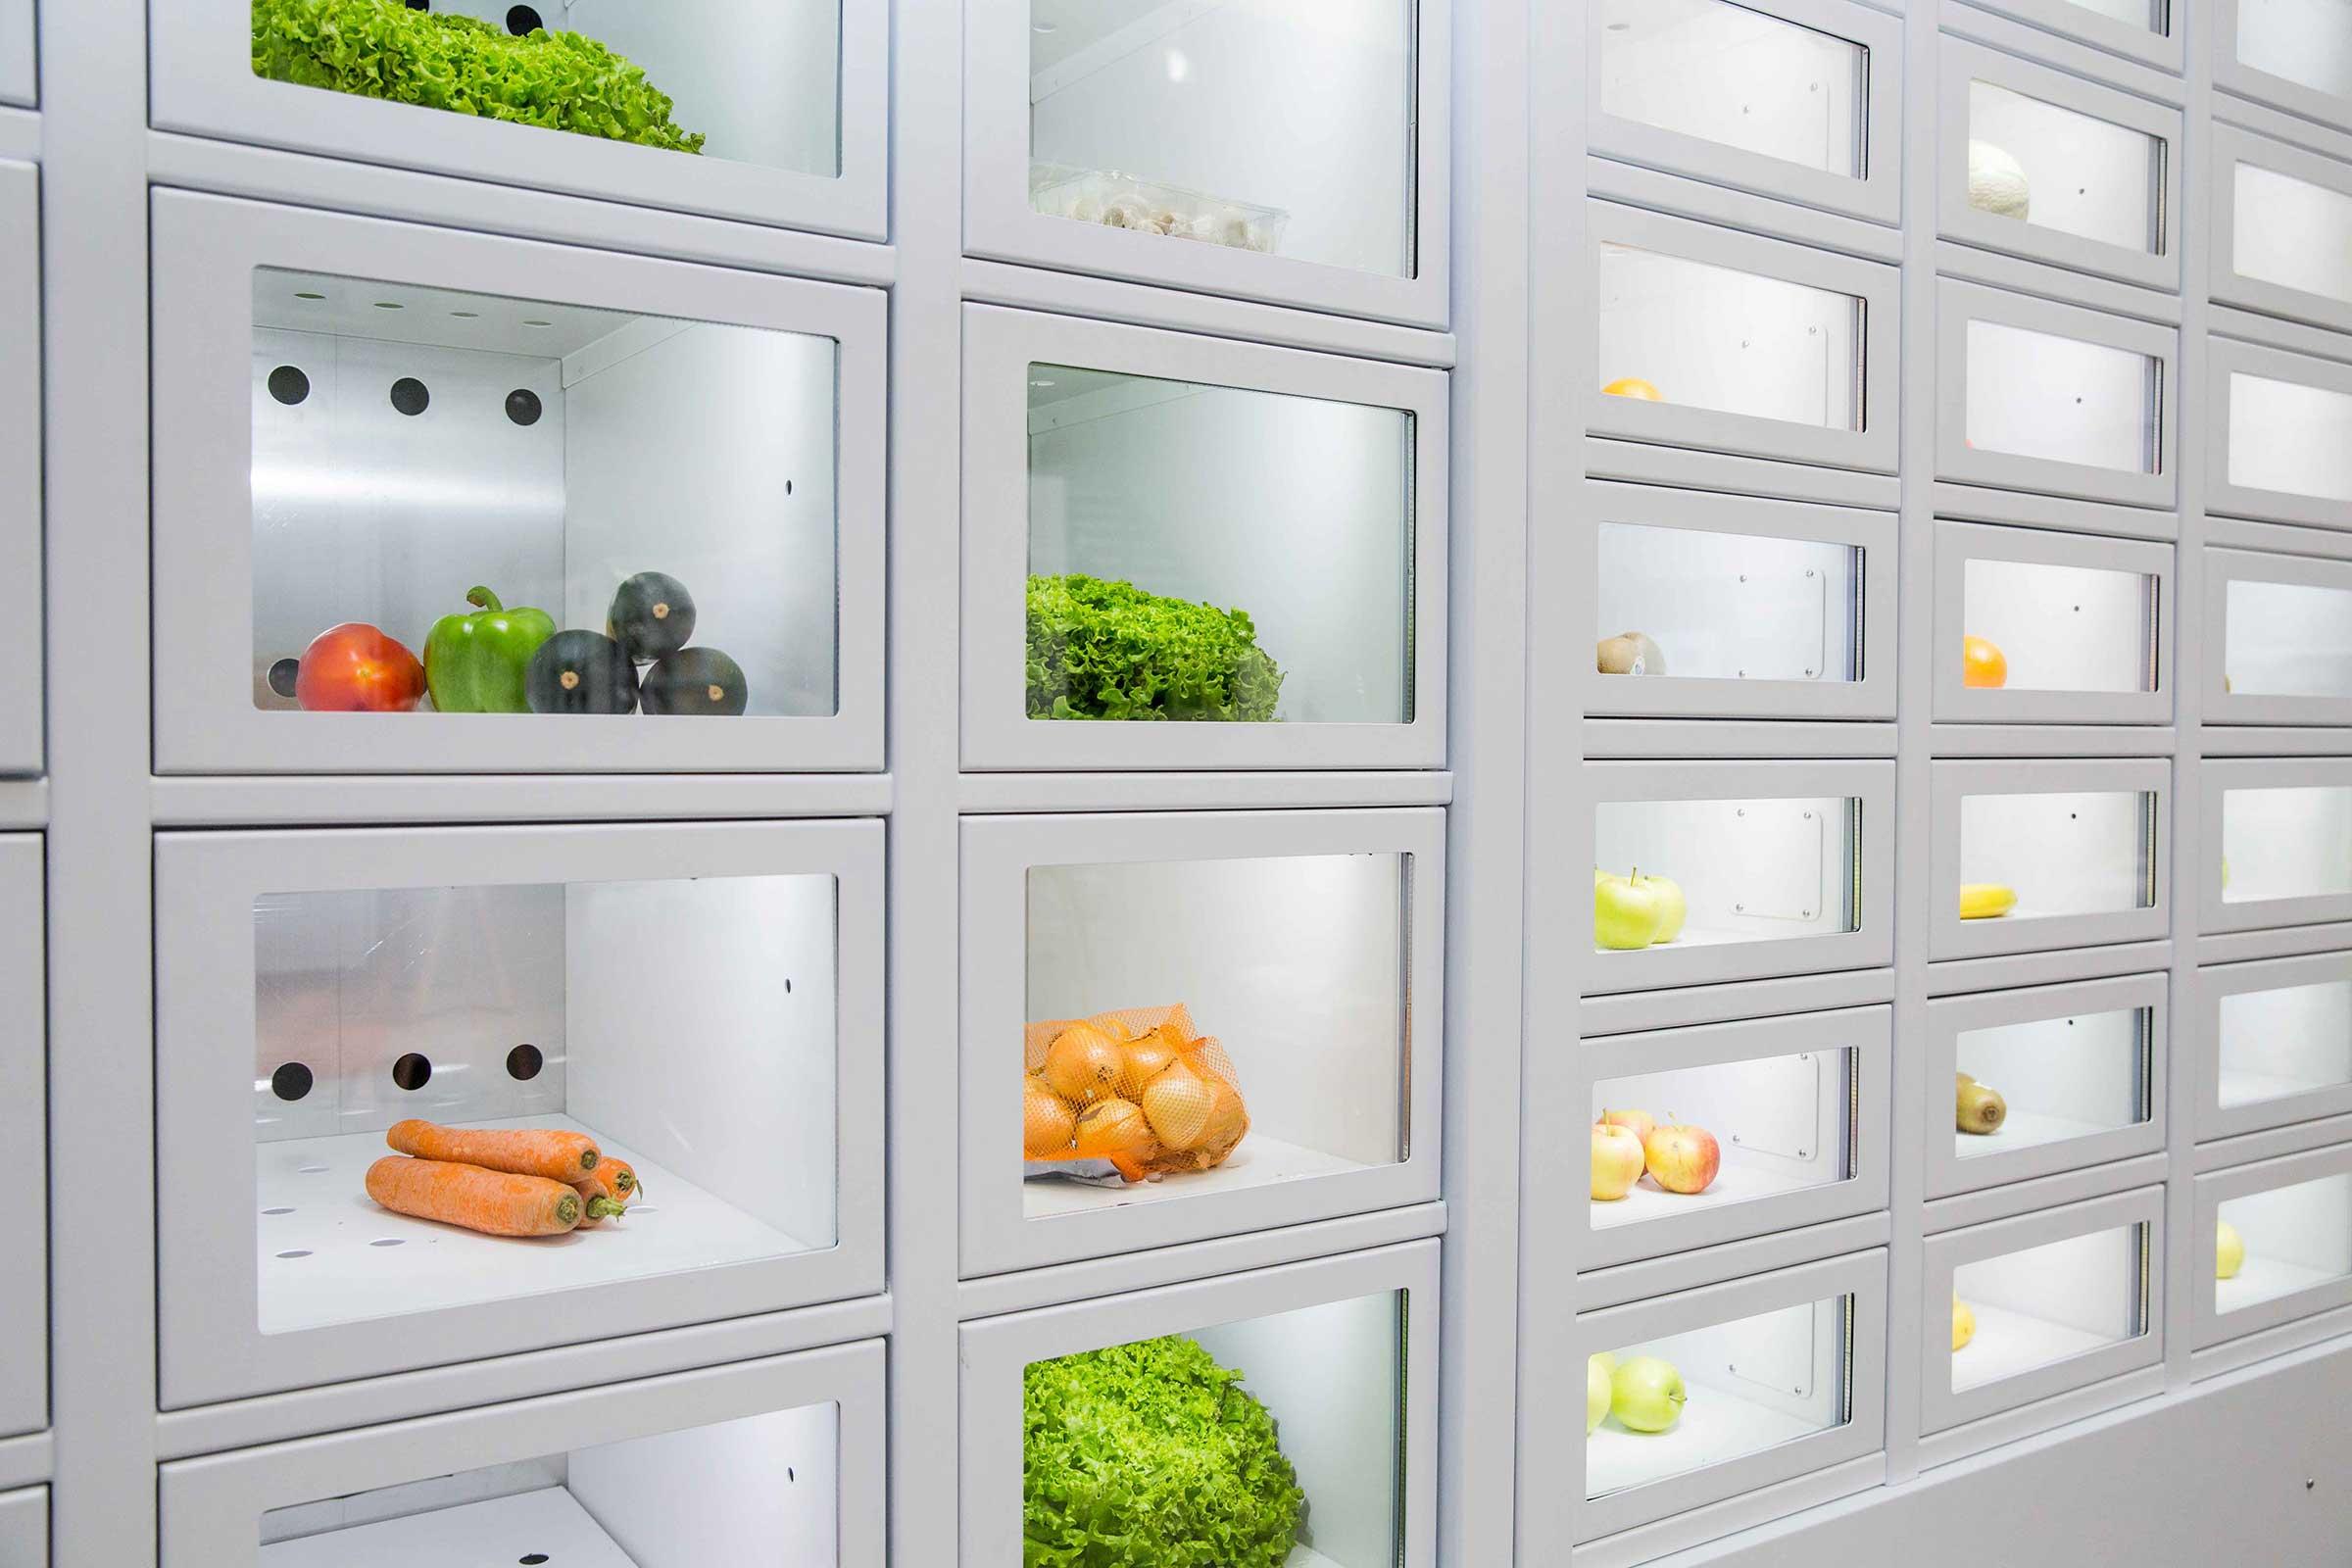 Légumes dans un Casier Français, le distributeur automatique des producteurs indépendants